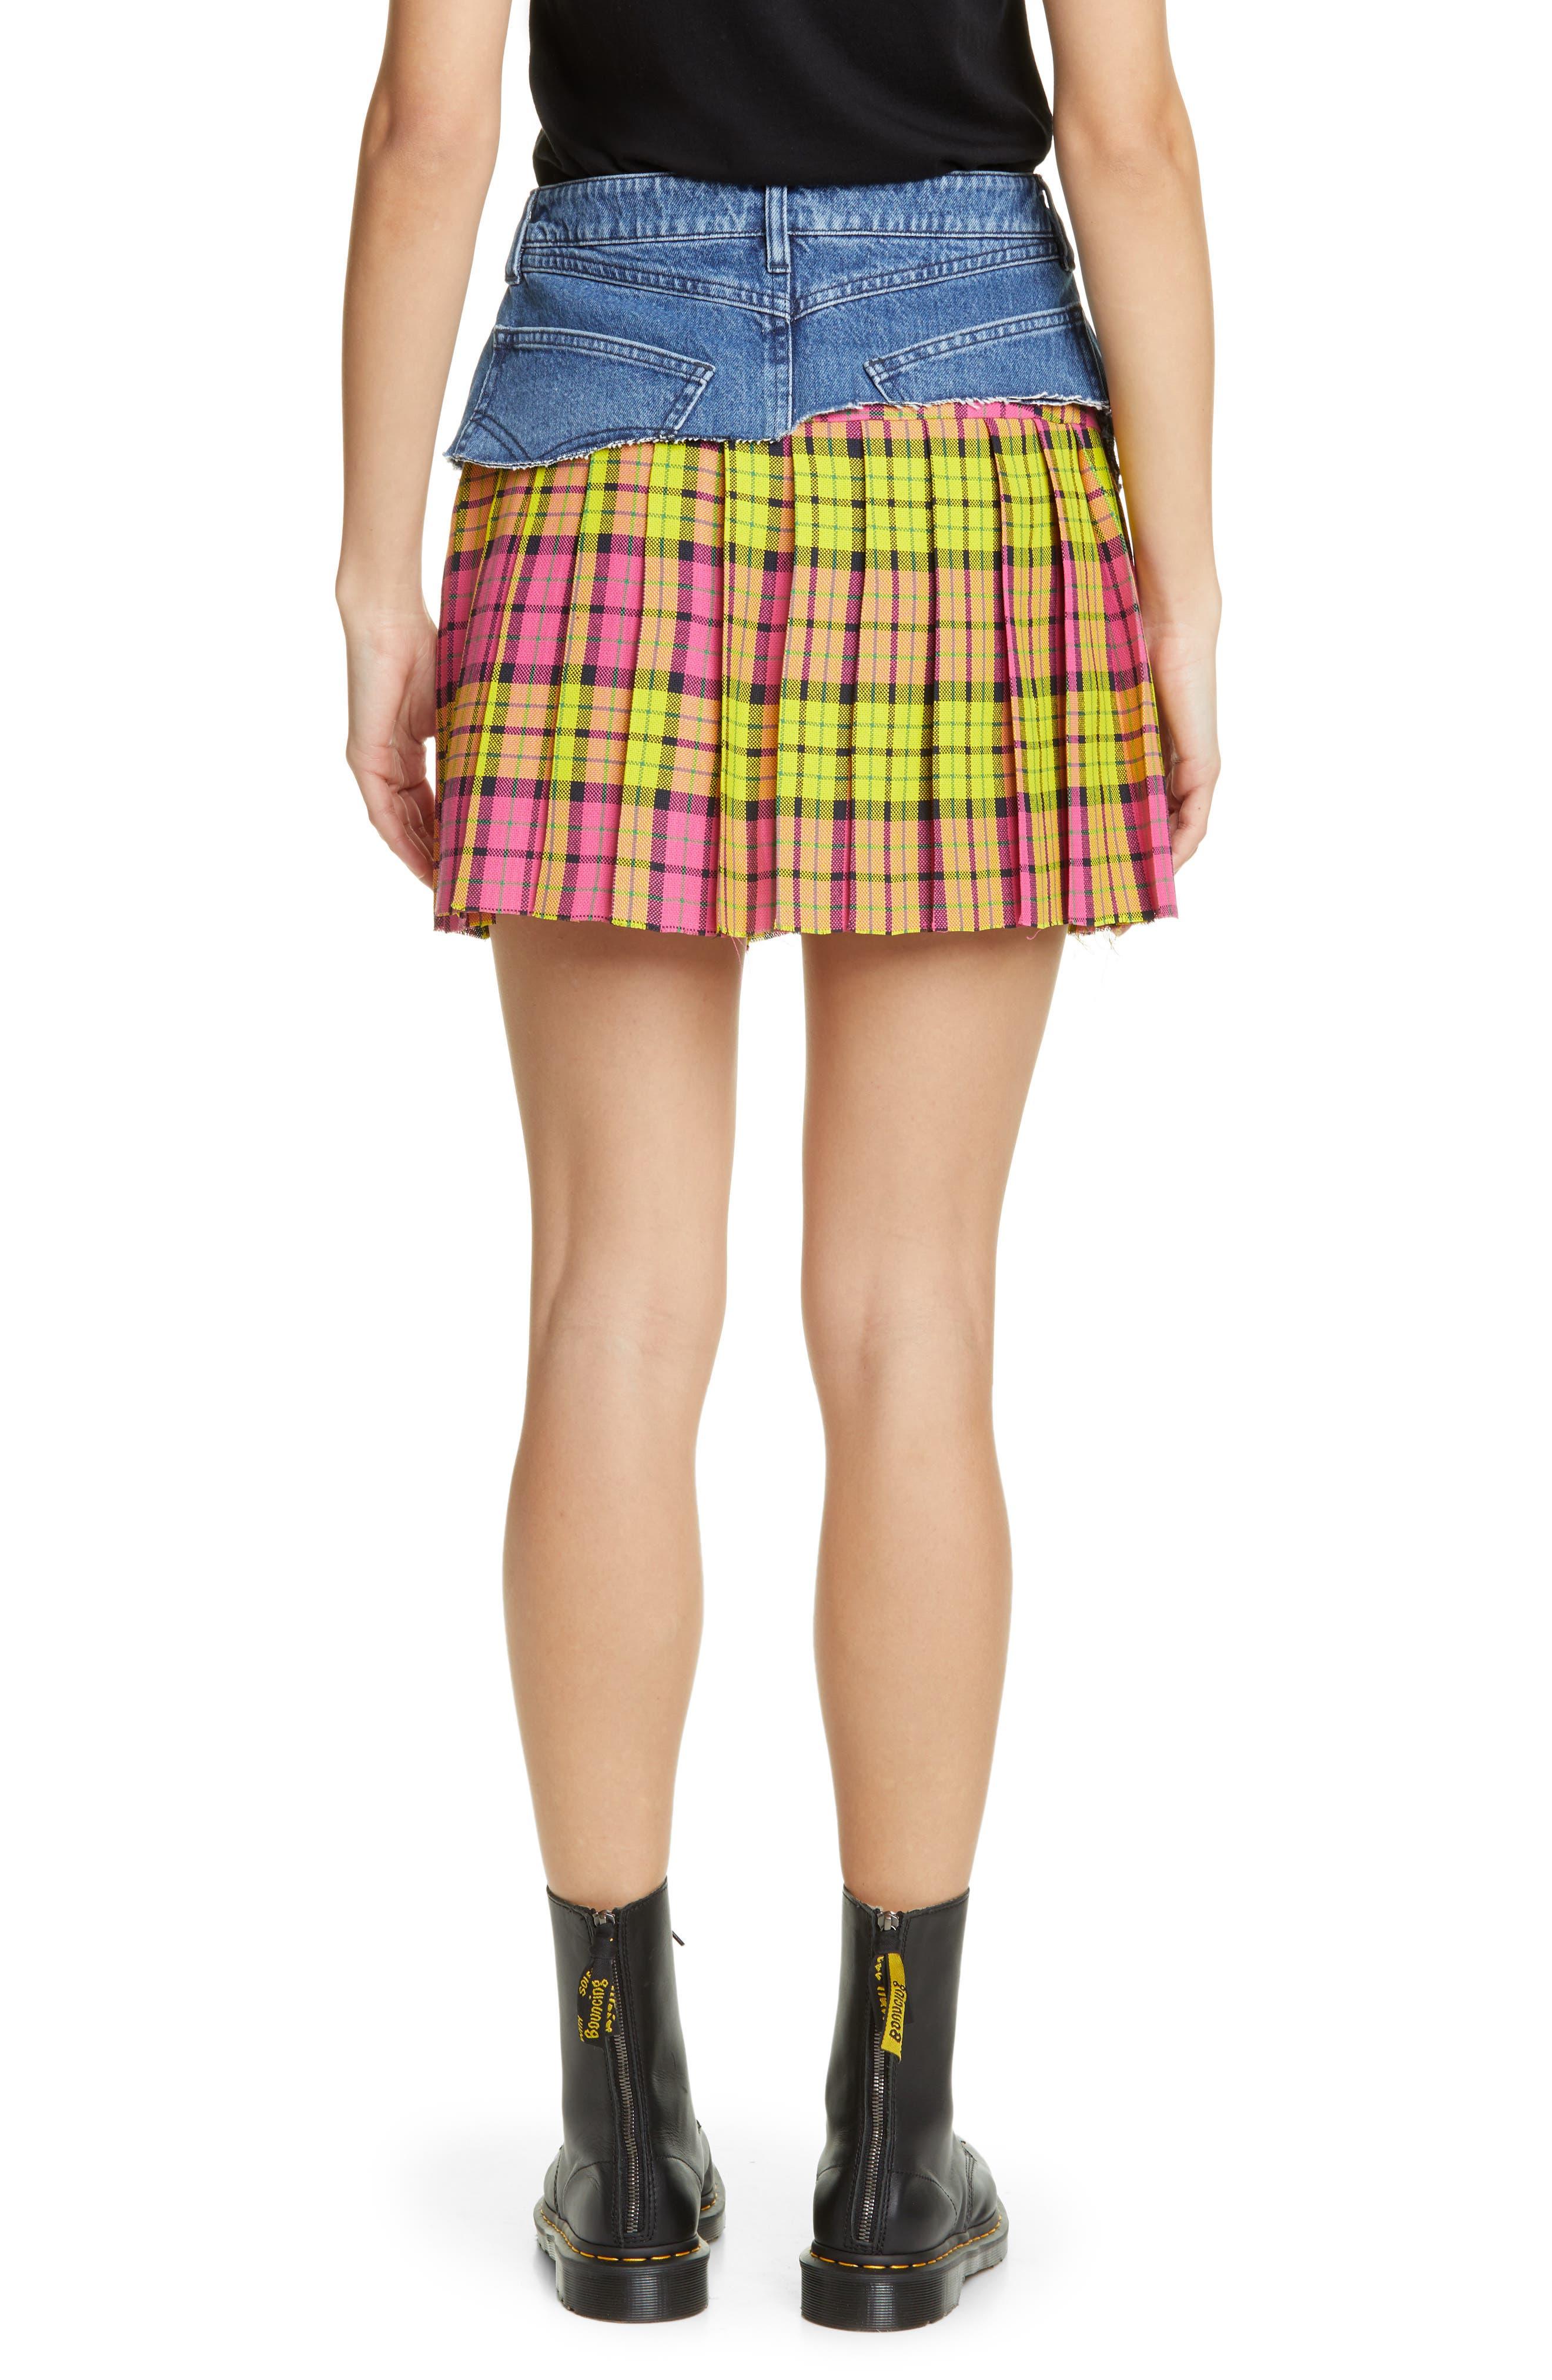 VETEMENTS, Schoolgirl Skirt, Alternate thumbnail 2, color, BLUE